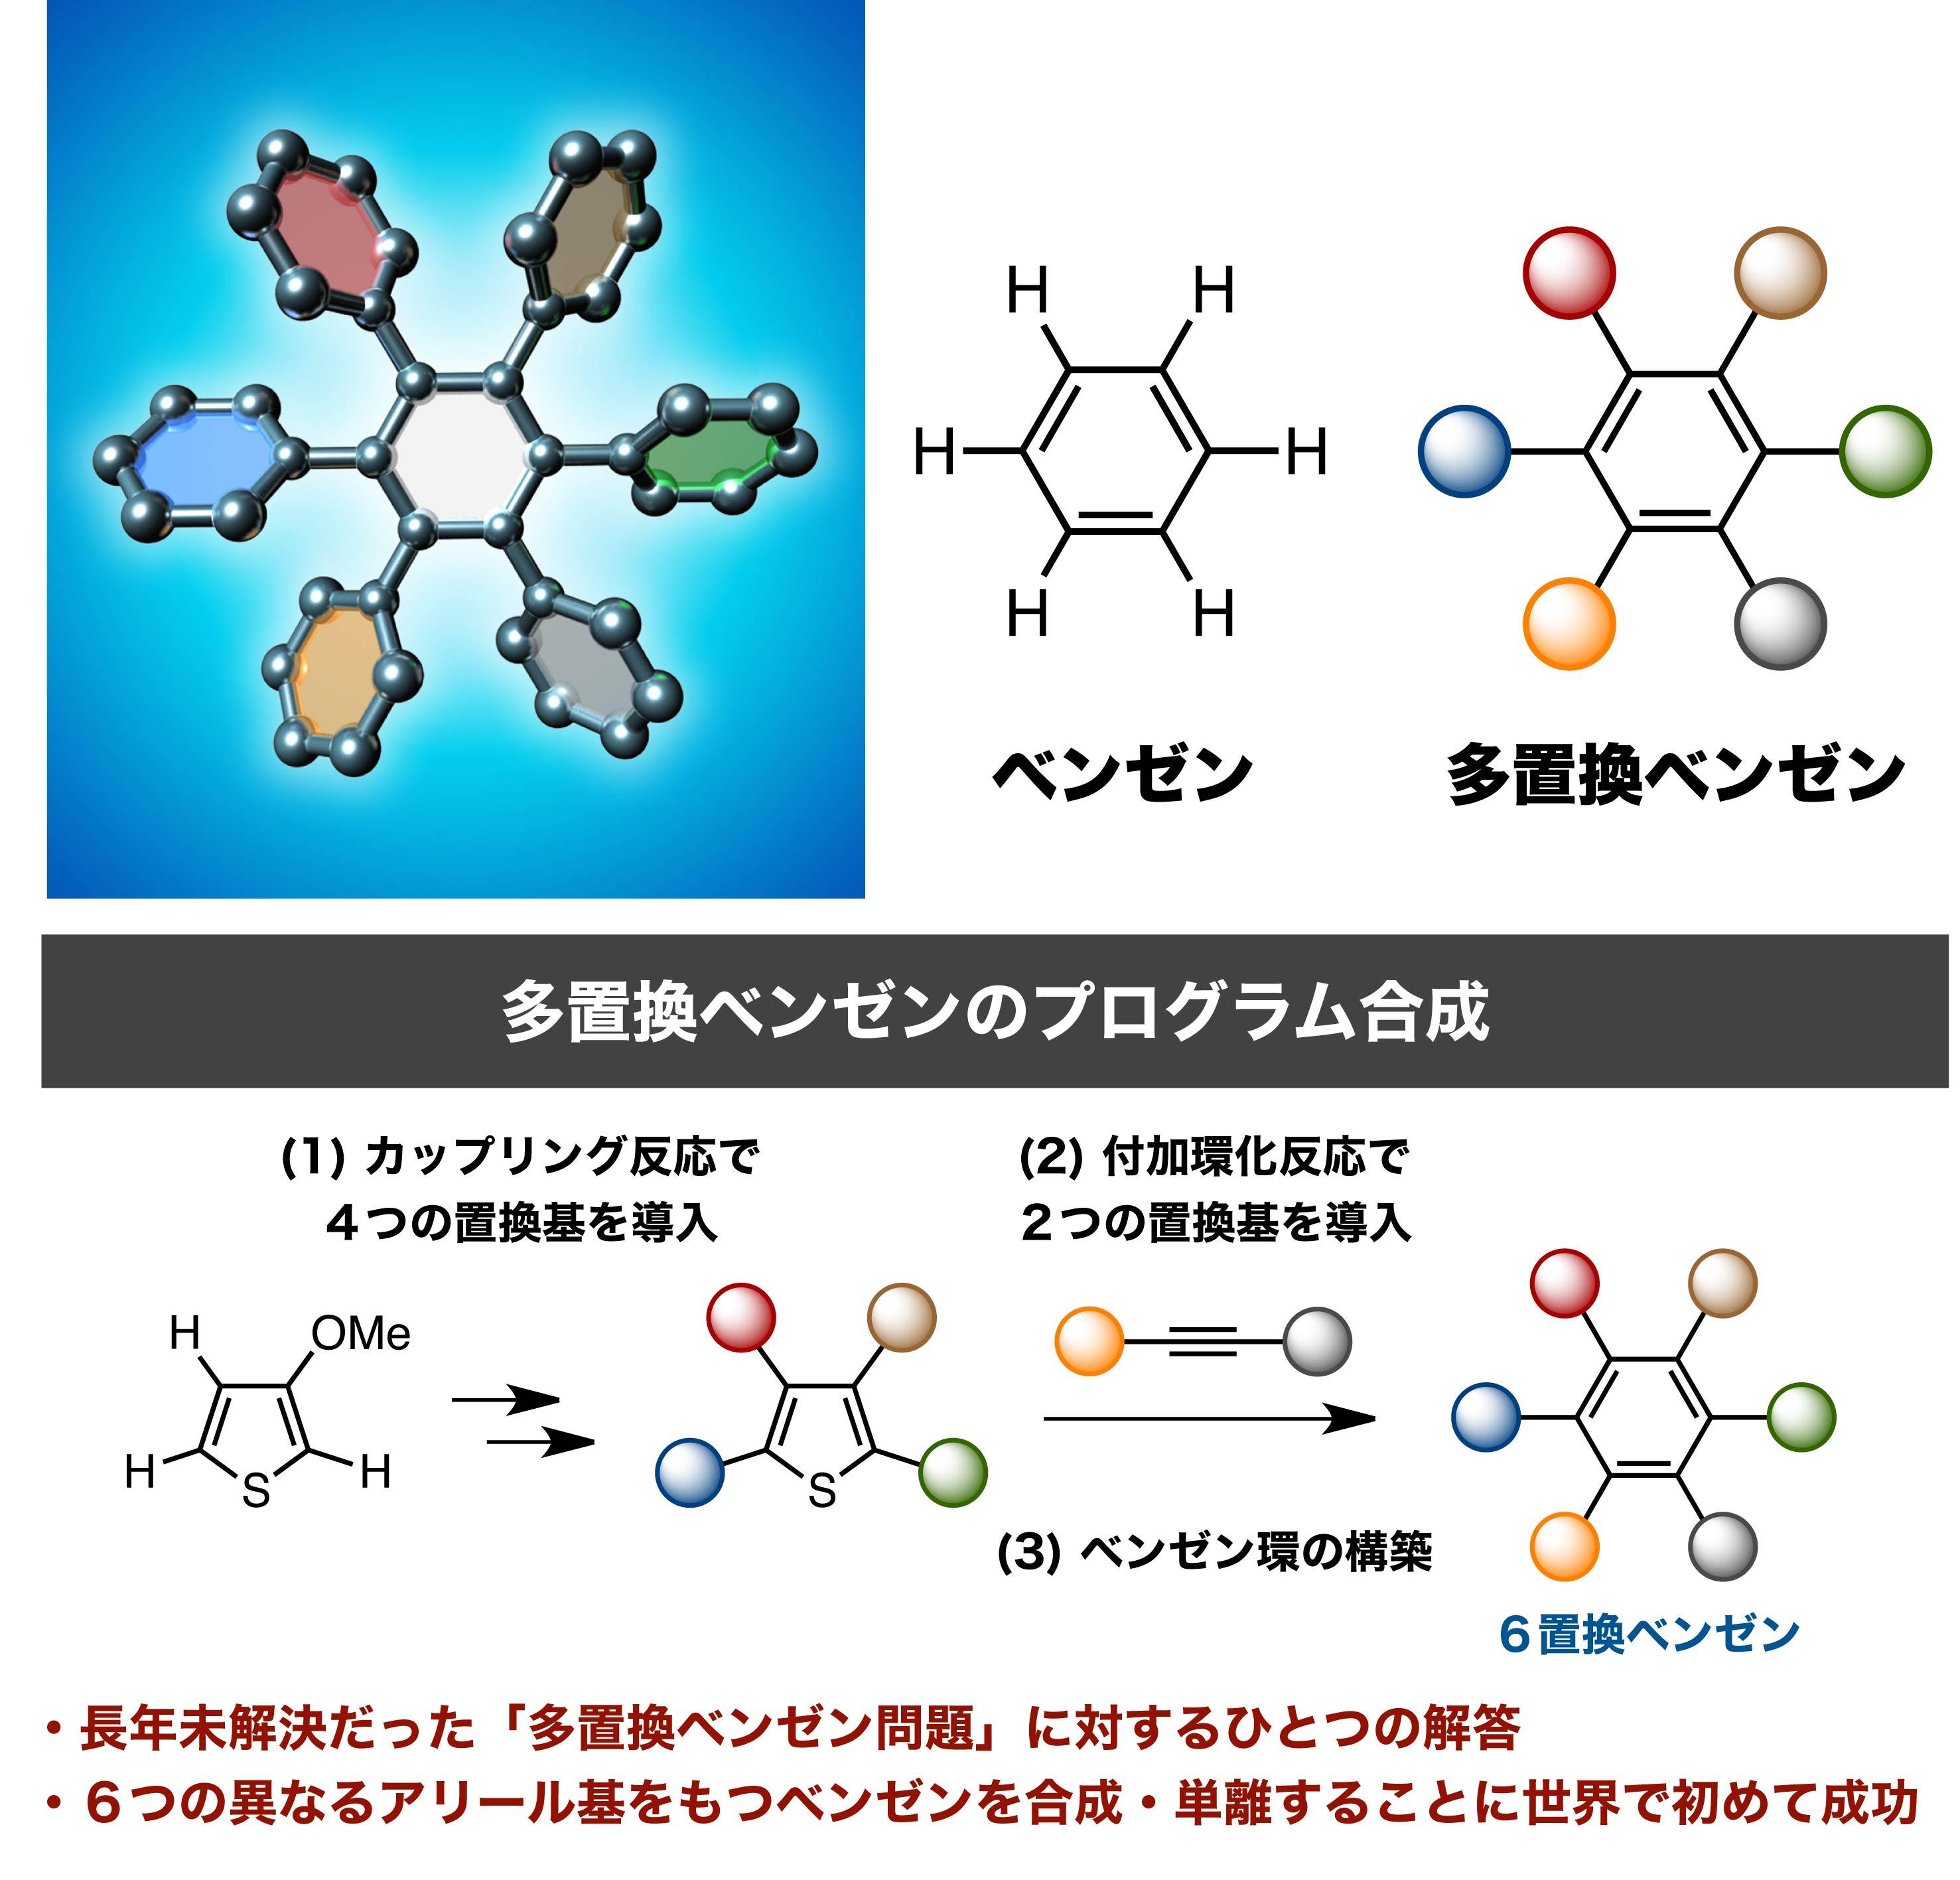 HAB_JP_Figure1.jpg